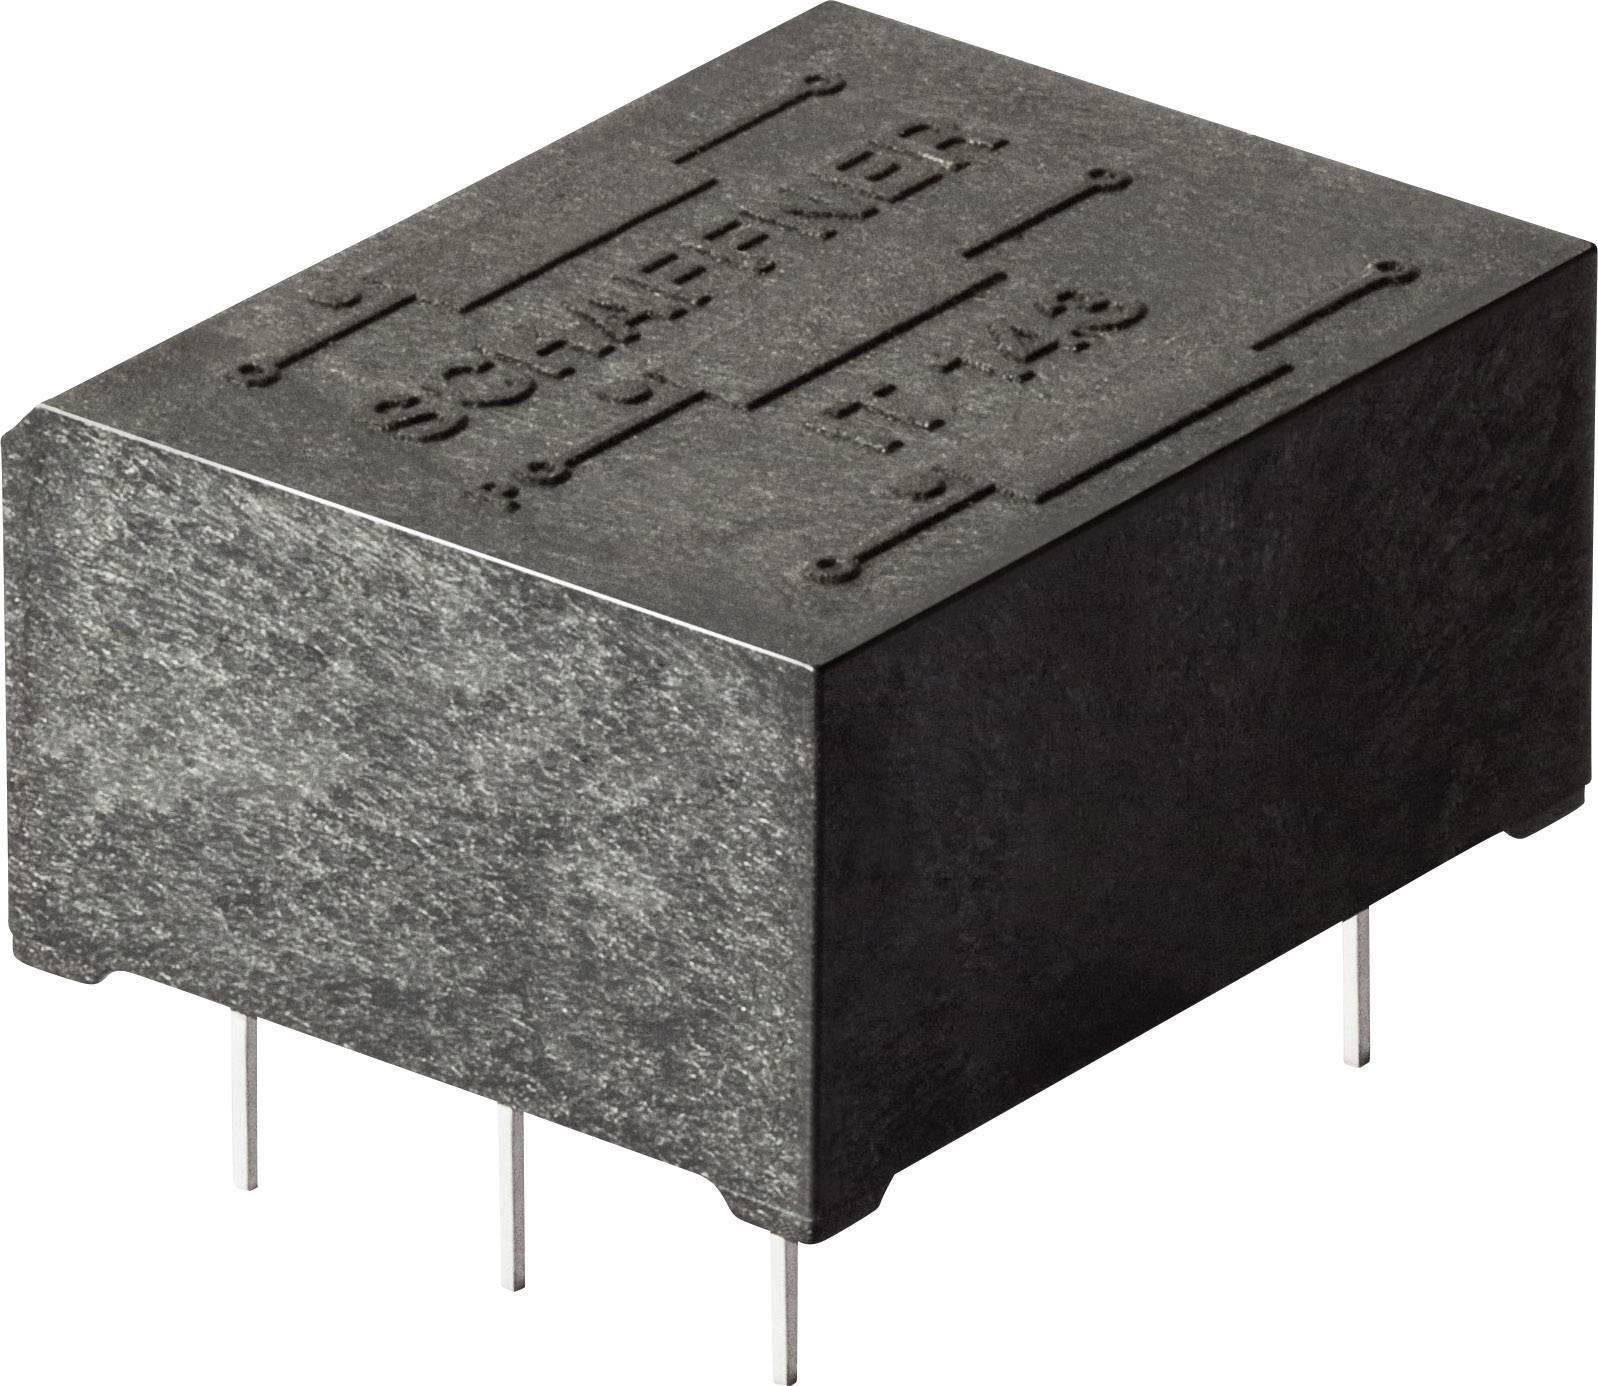 Pulzný transformátor Schaffner IT249 IT249, 500 V, 17 mH, (d x š x v) 17.6 x 16.7 x 11.3 mm, 1 ks